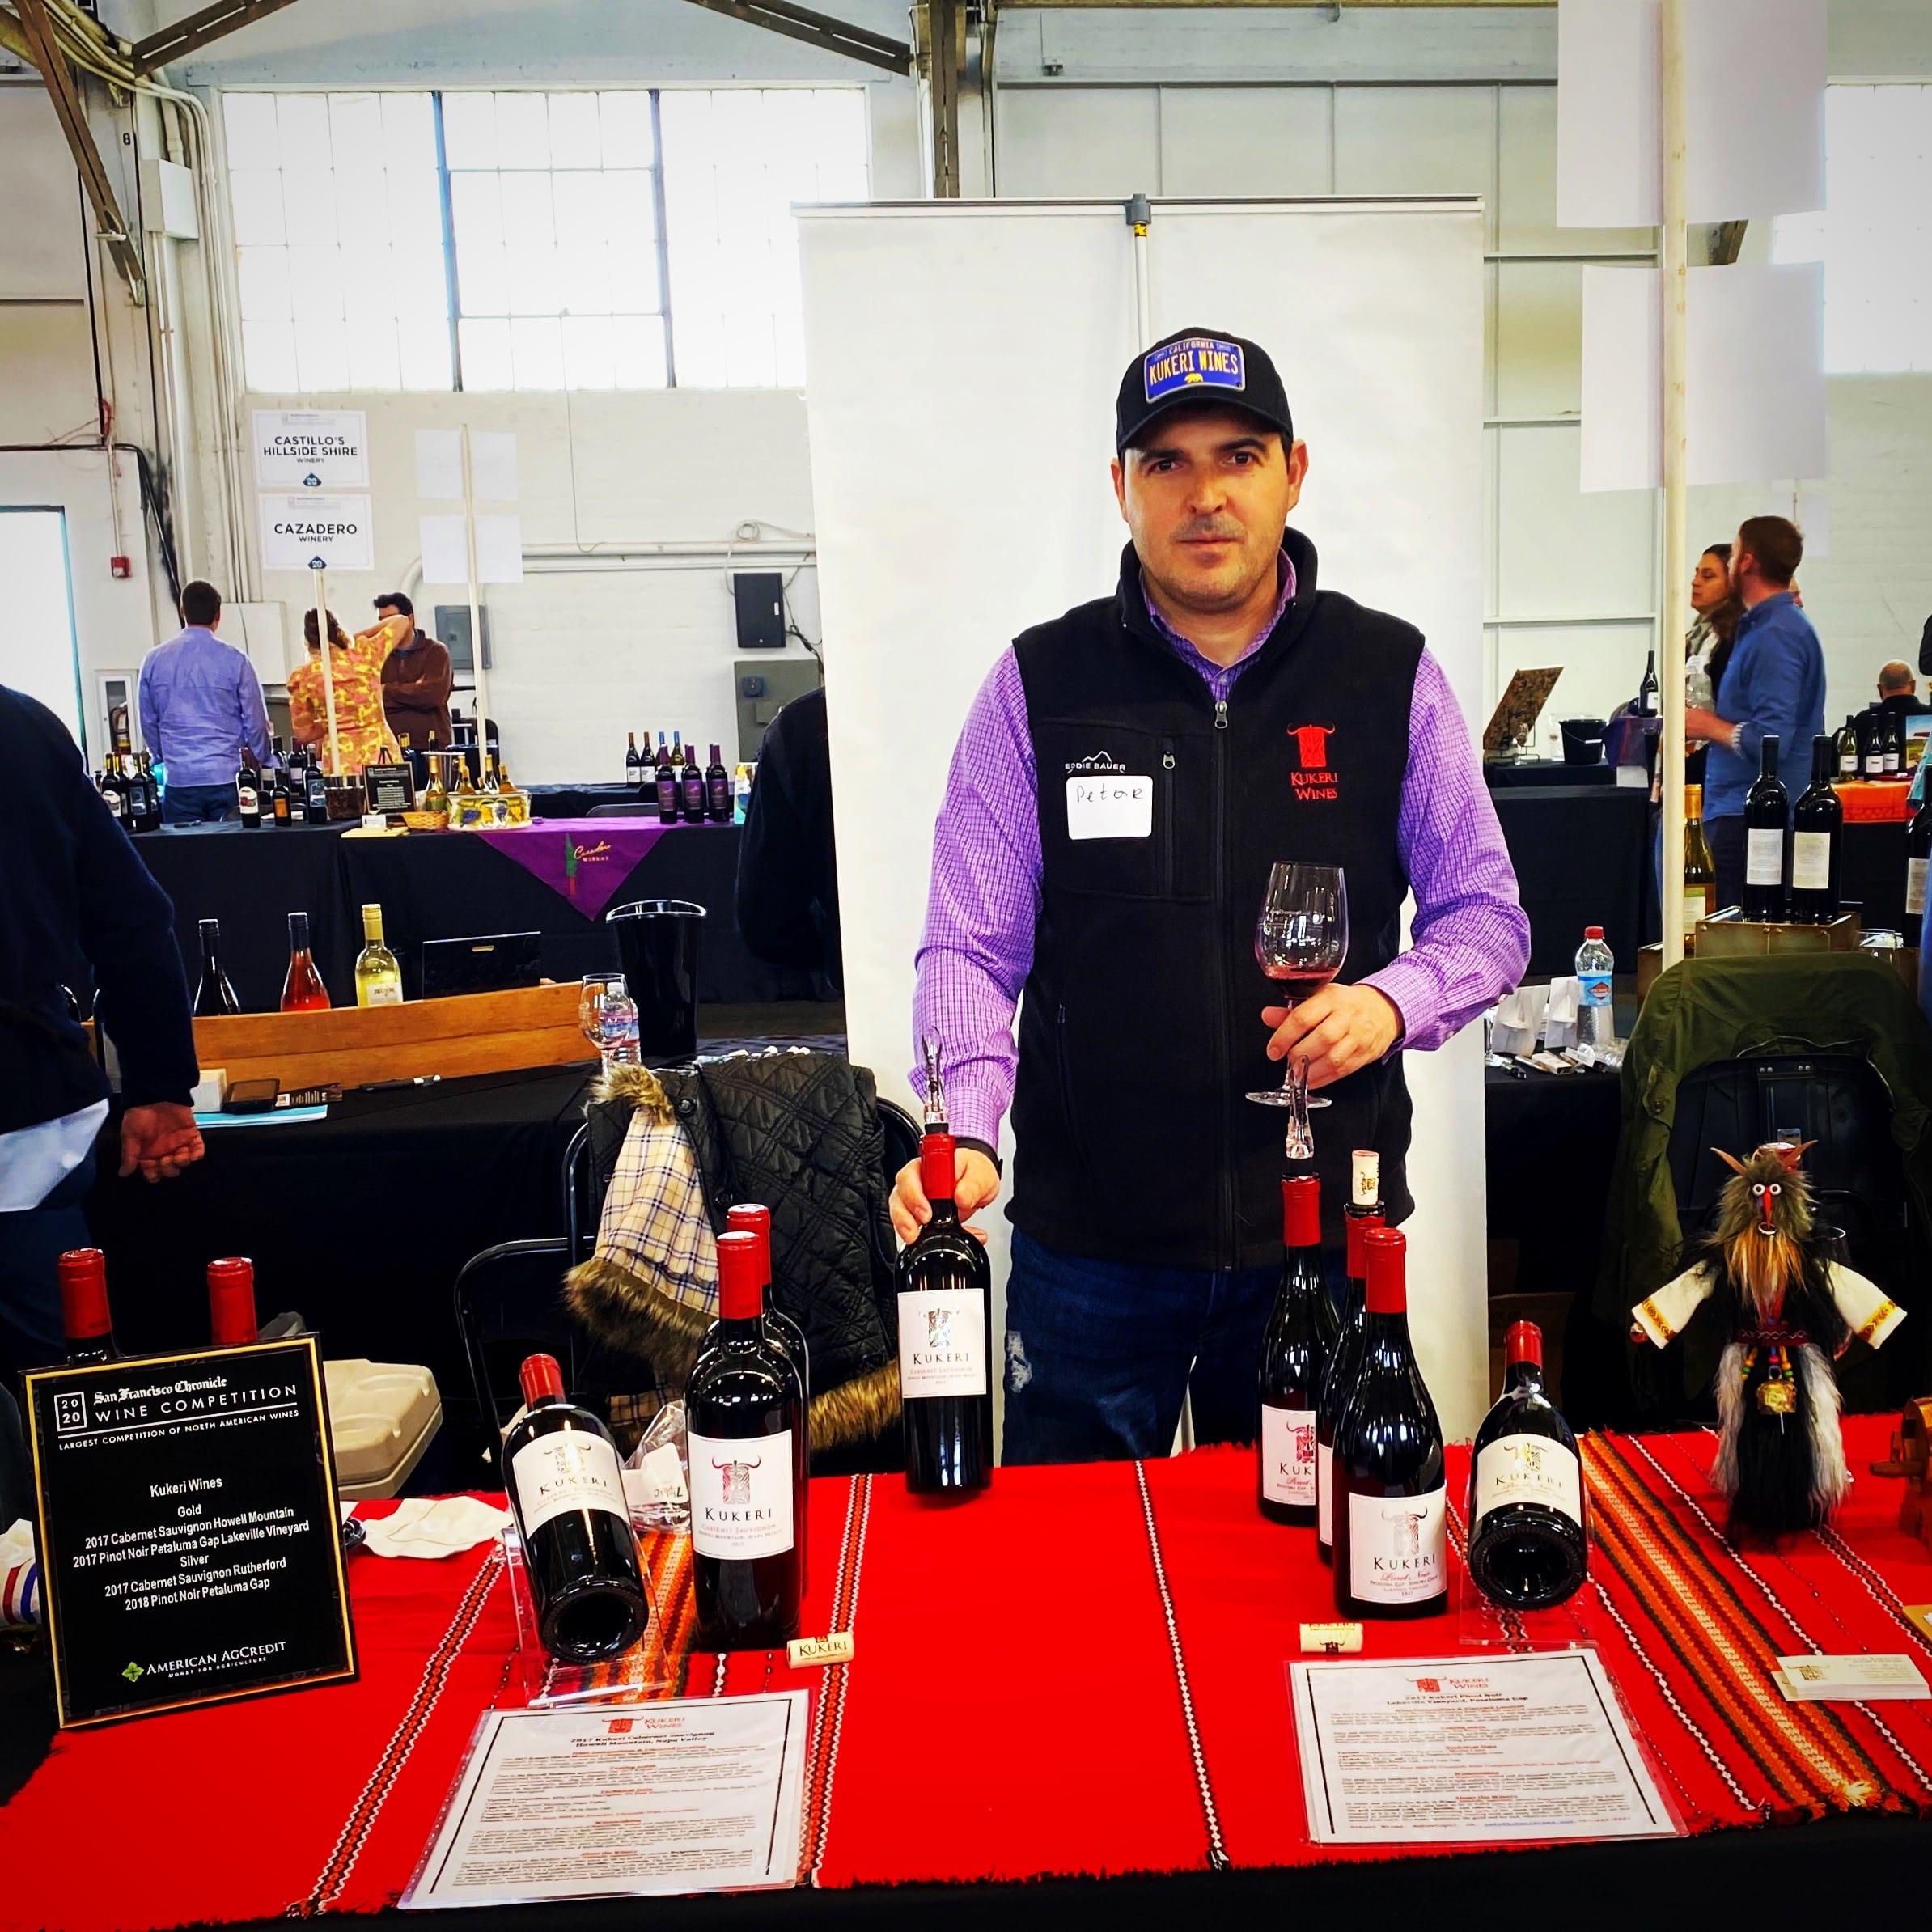 Bulgarian winemakers around the world - Petar Kirilov